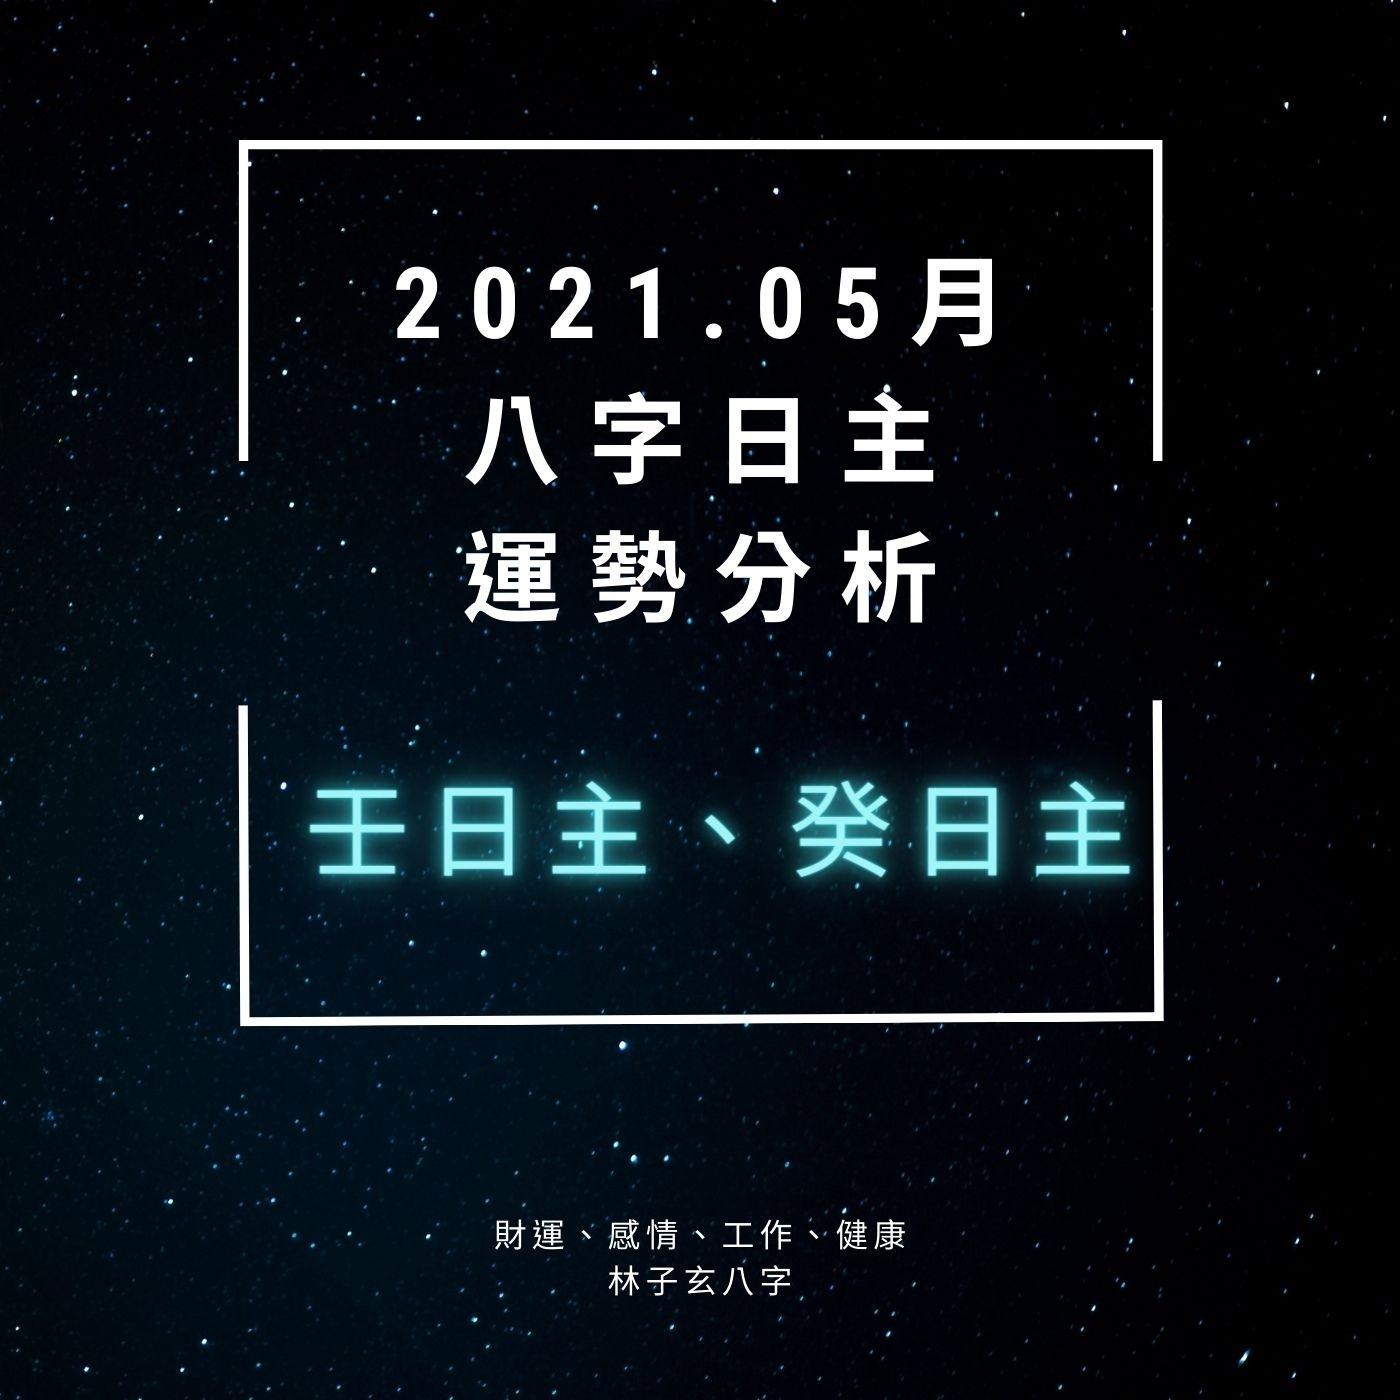 2021.05月 辛丑年,壬日主、癸日主 運勢分析 | 流月運勢